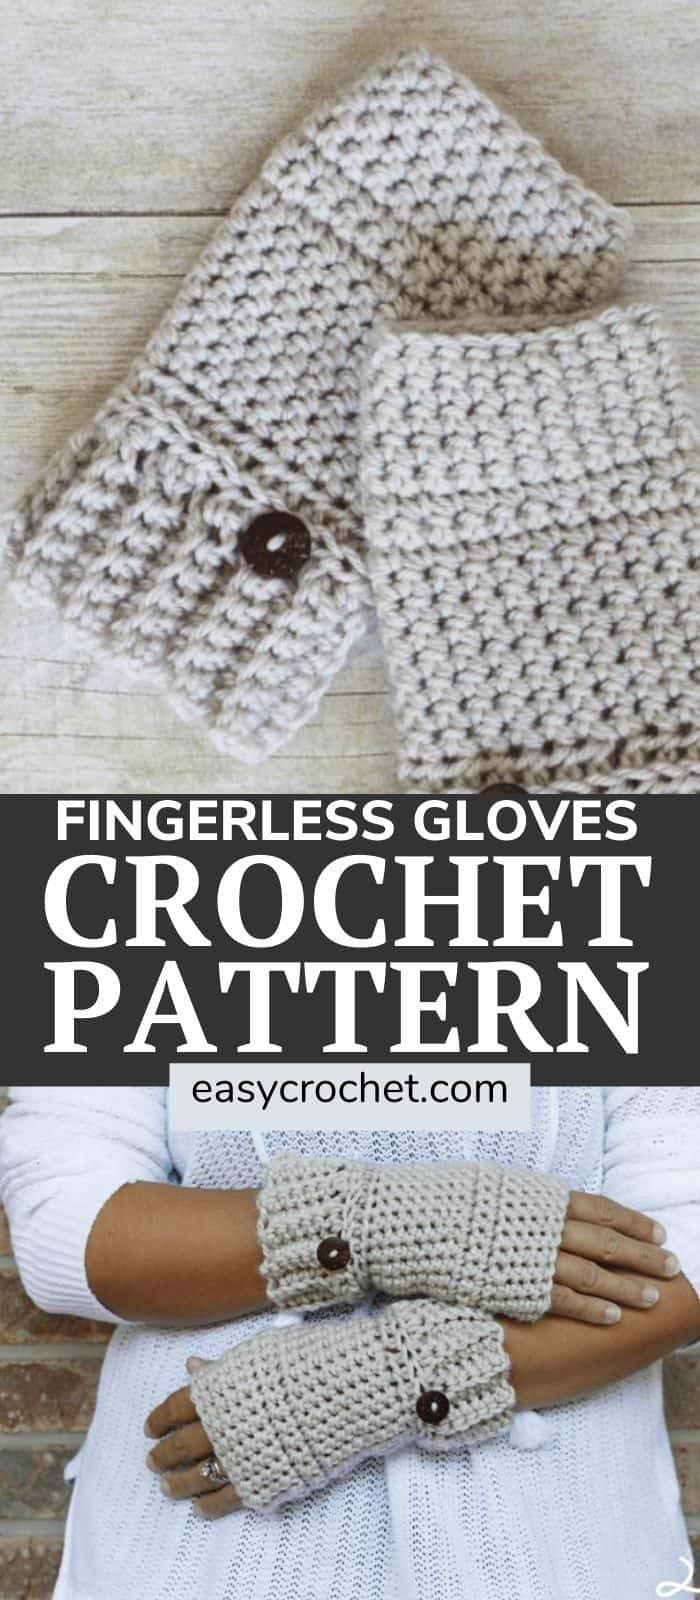 Fingerless gloves crochet pattern via @easycrochetcom